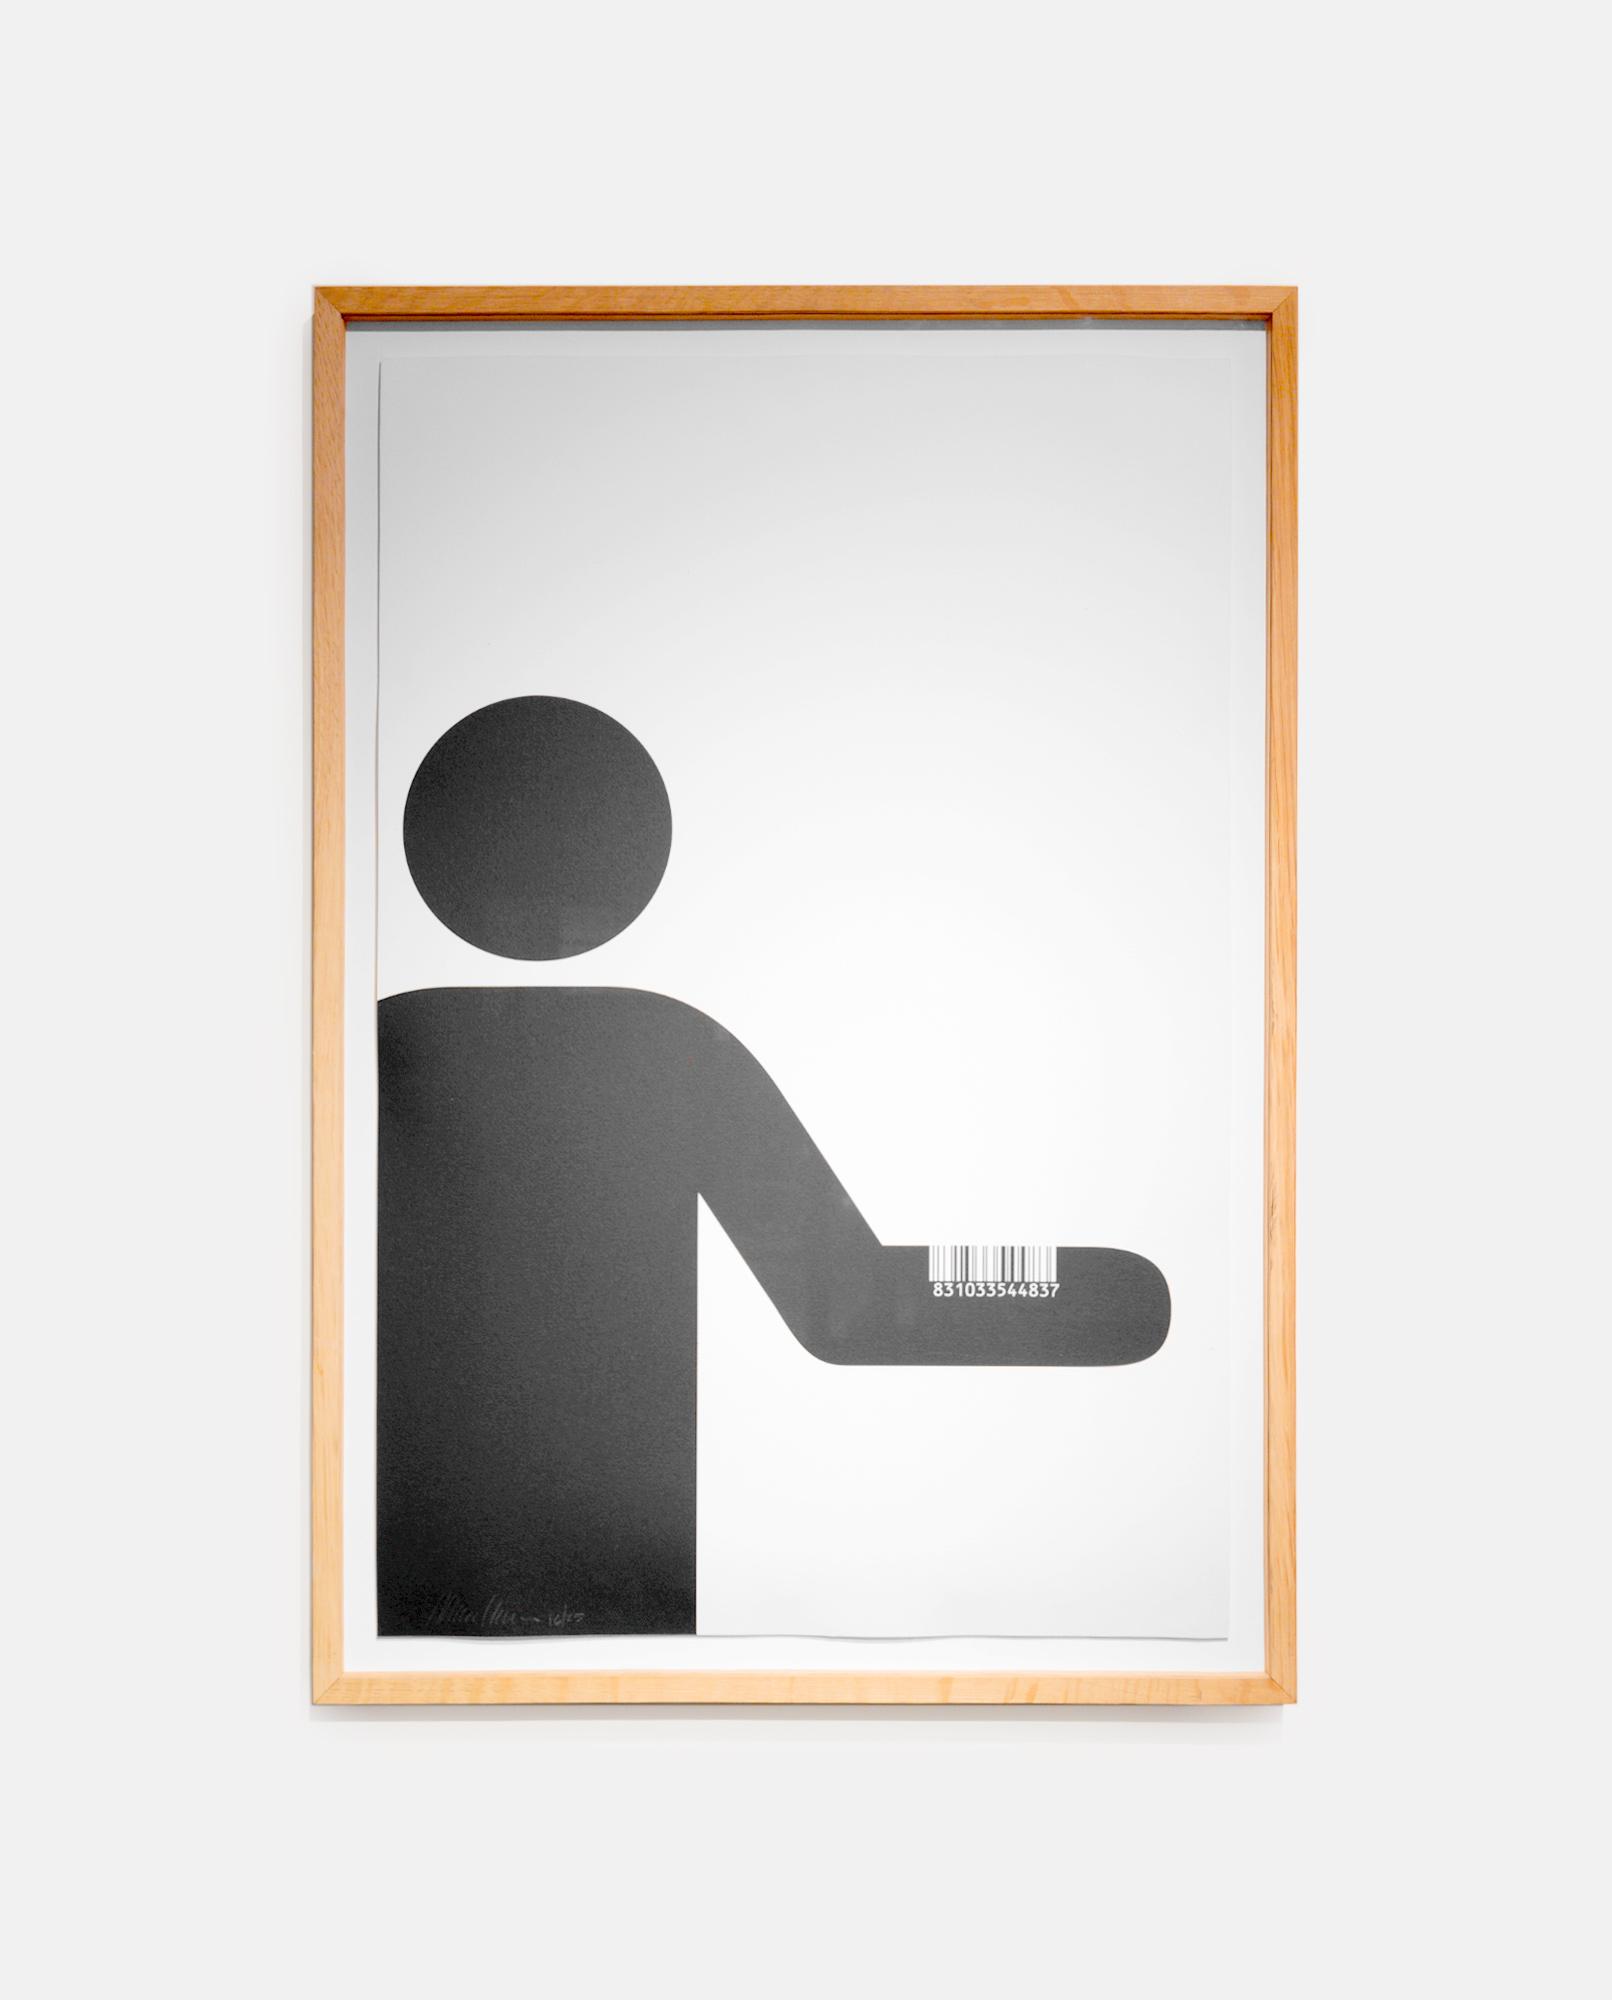 Neess encadrement atelier restauration dorure galerie chatelain bruxelles shop gravure artiste pippo lionni